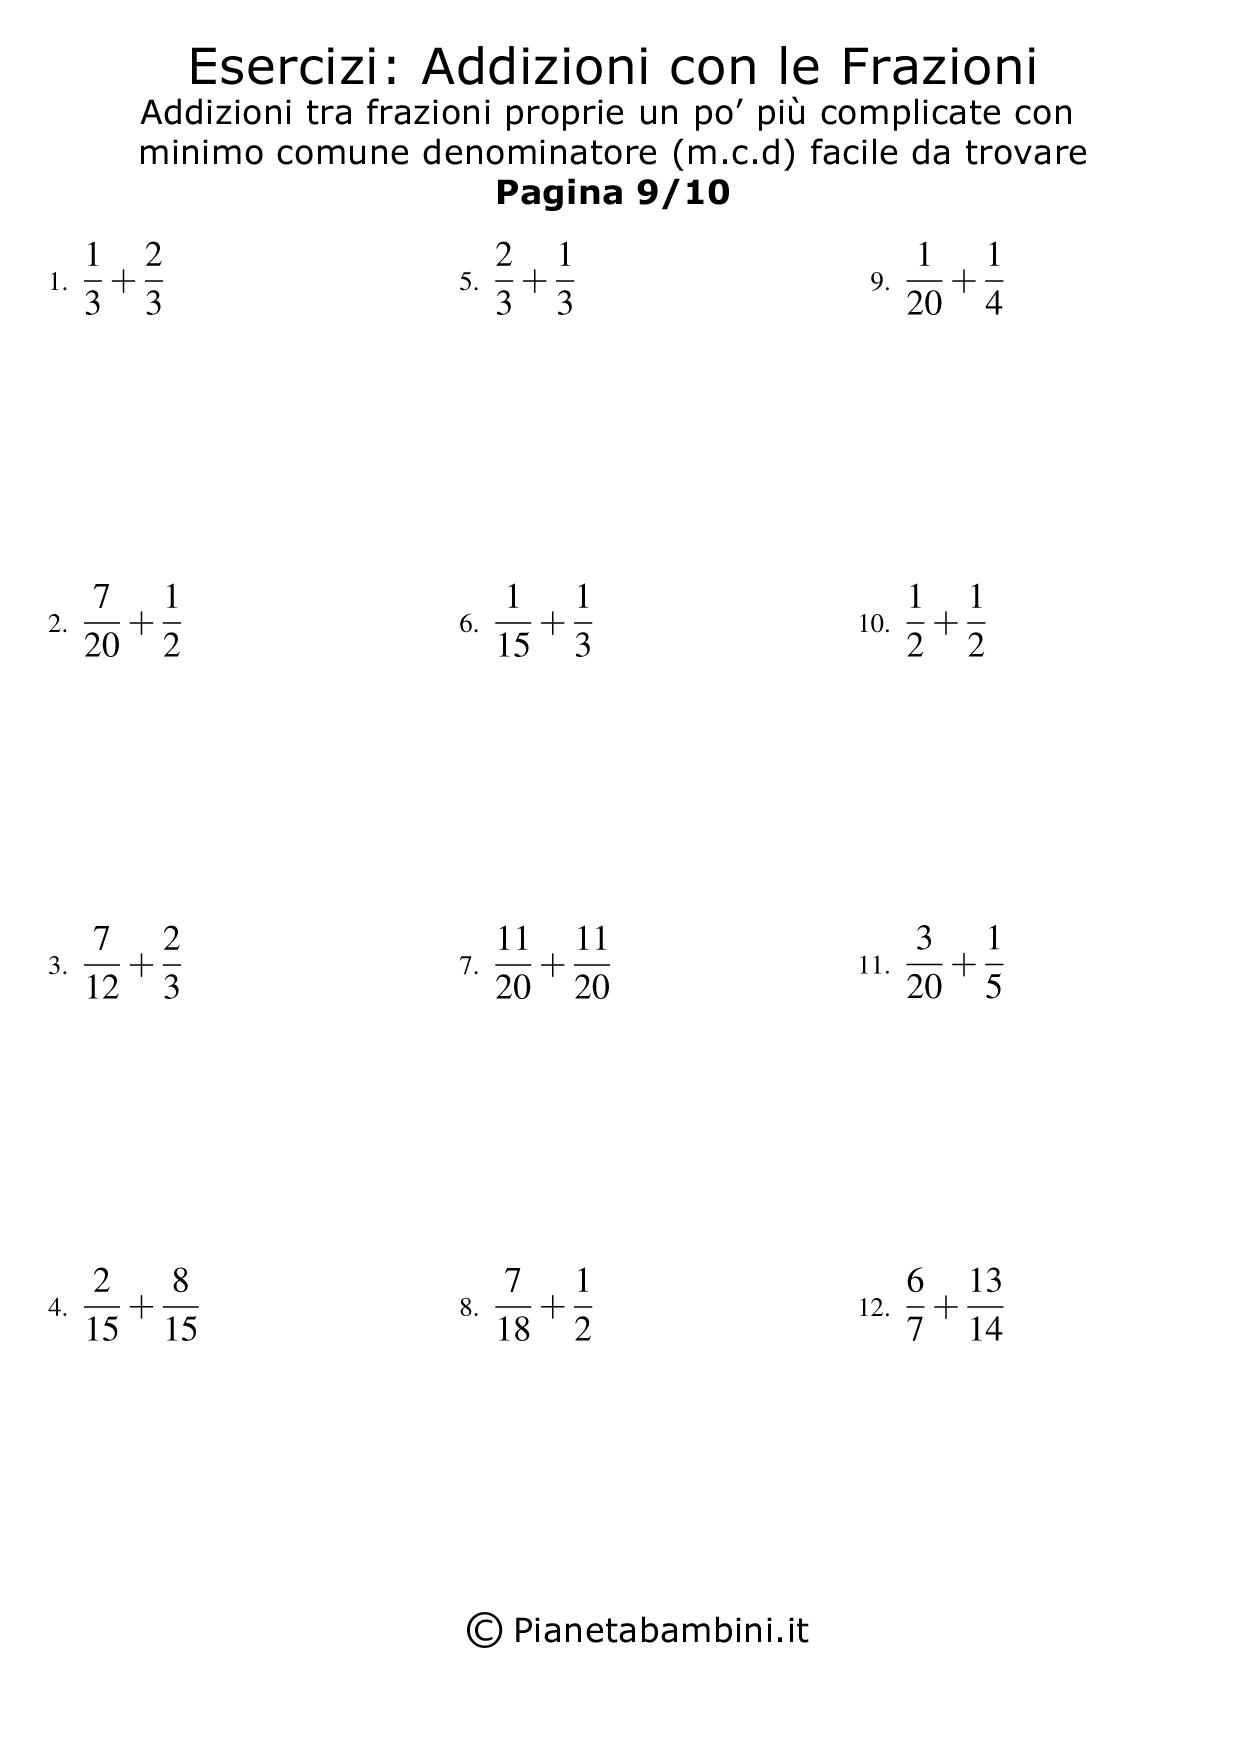 Frazioni-Complicate-m.c.d-Facile_09